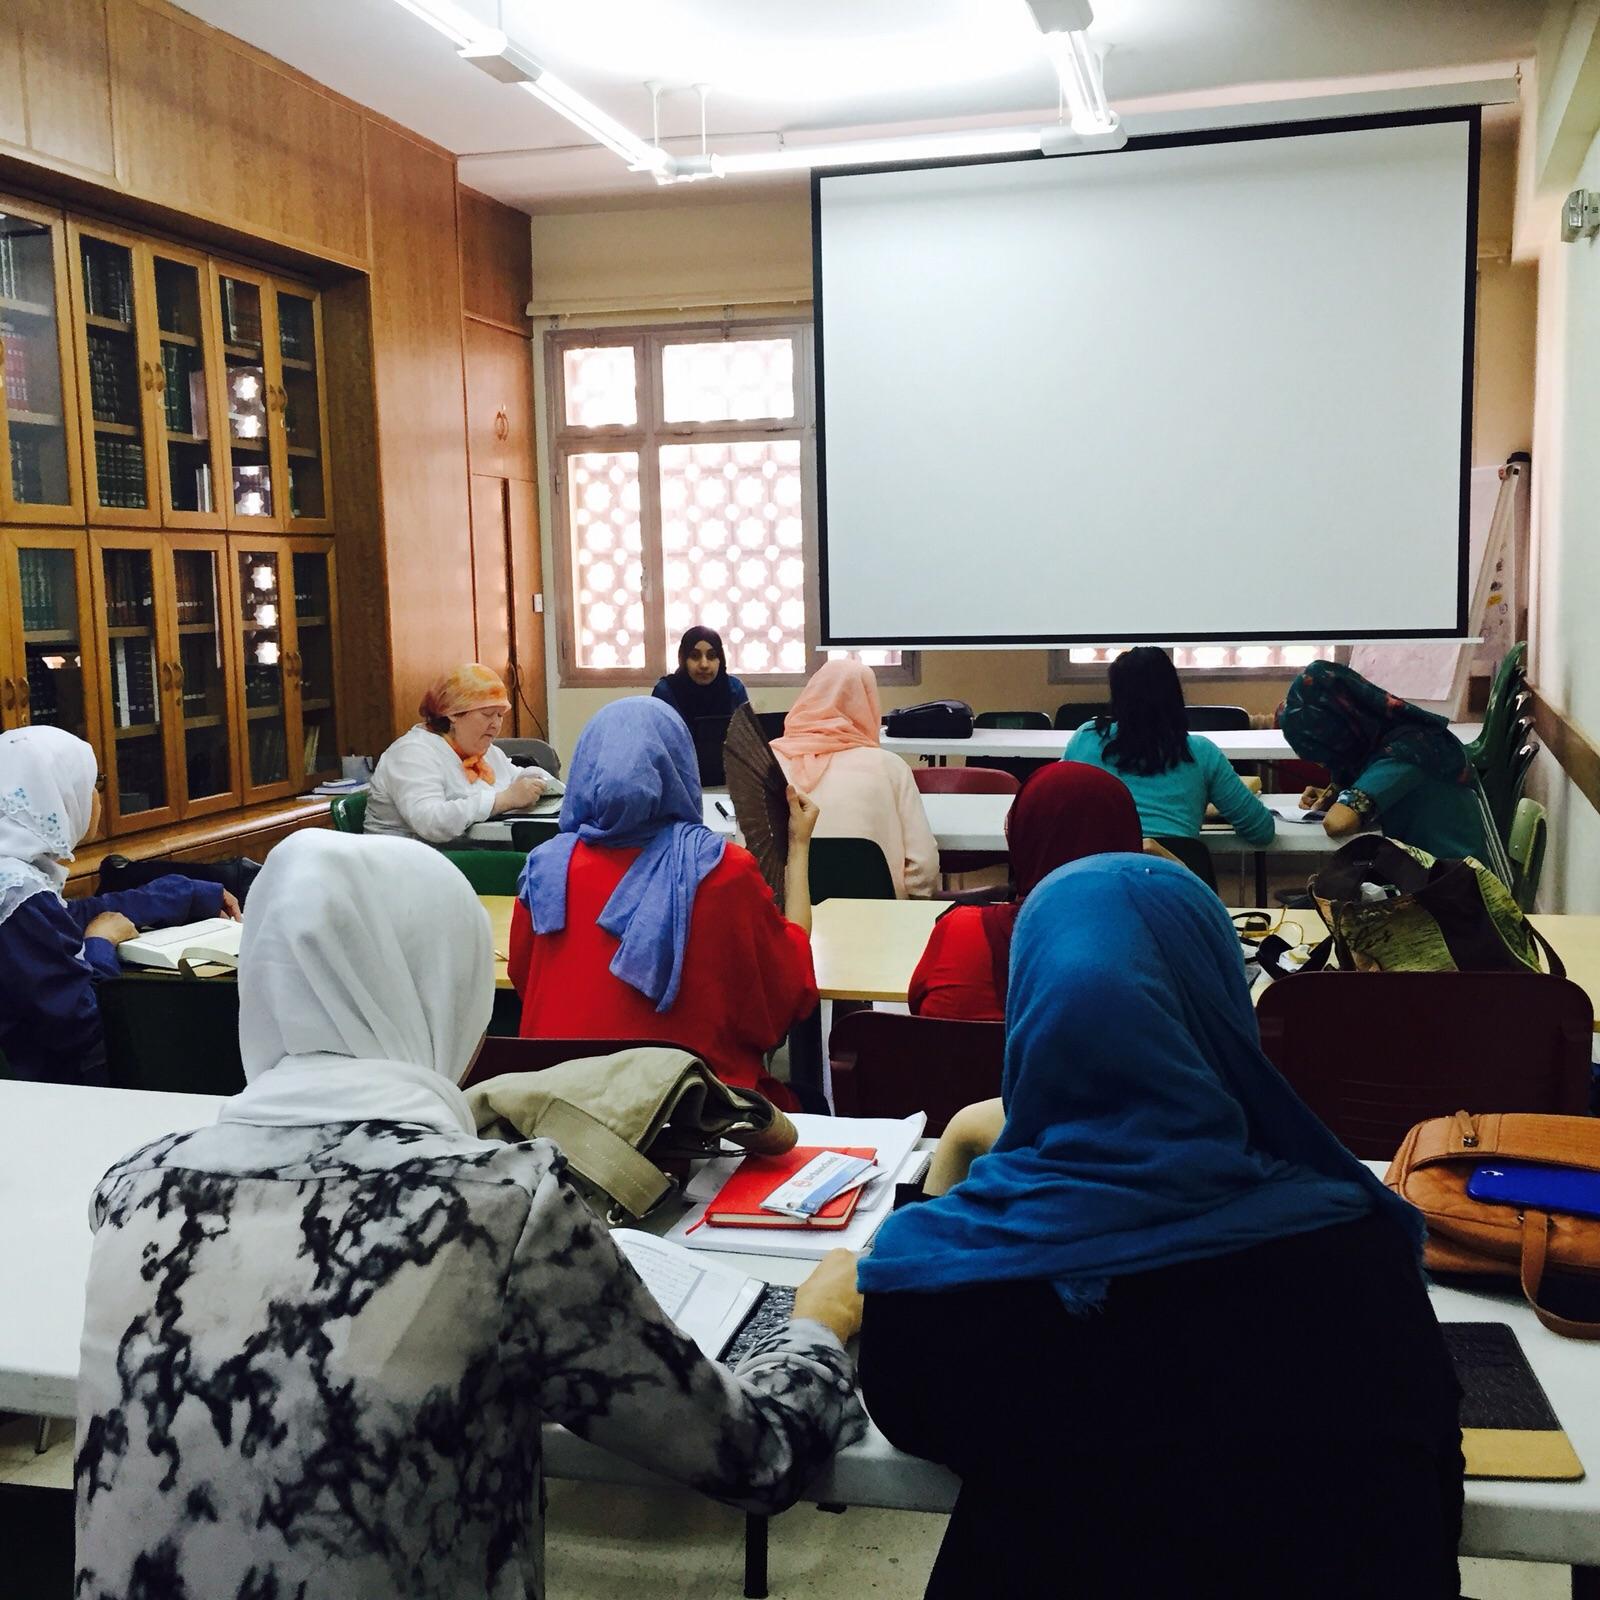 IV Curso de formación de profesores de árabe y Corán